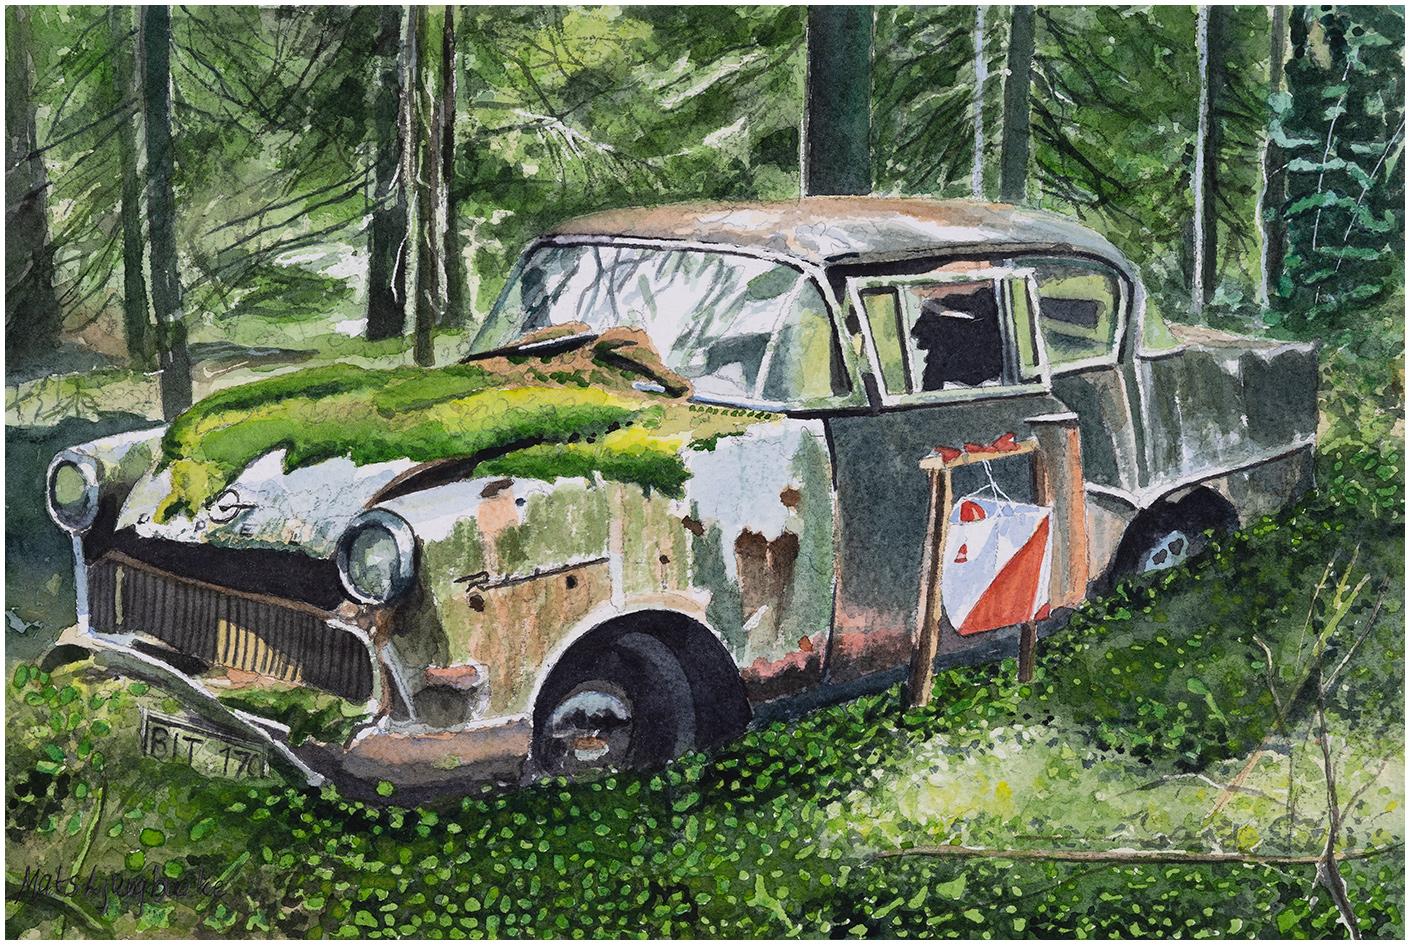 Opel rekord -58 kod 58 akvarell 21x31cm - Mats Ljungbacke